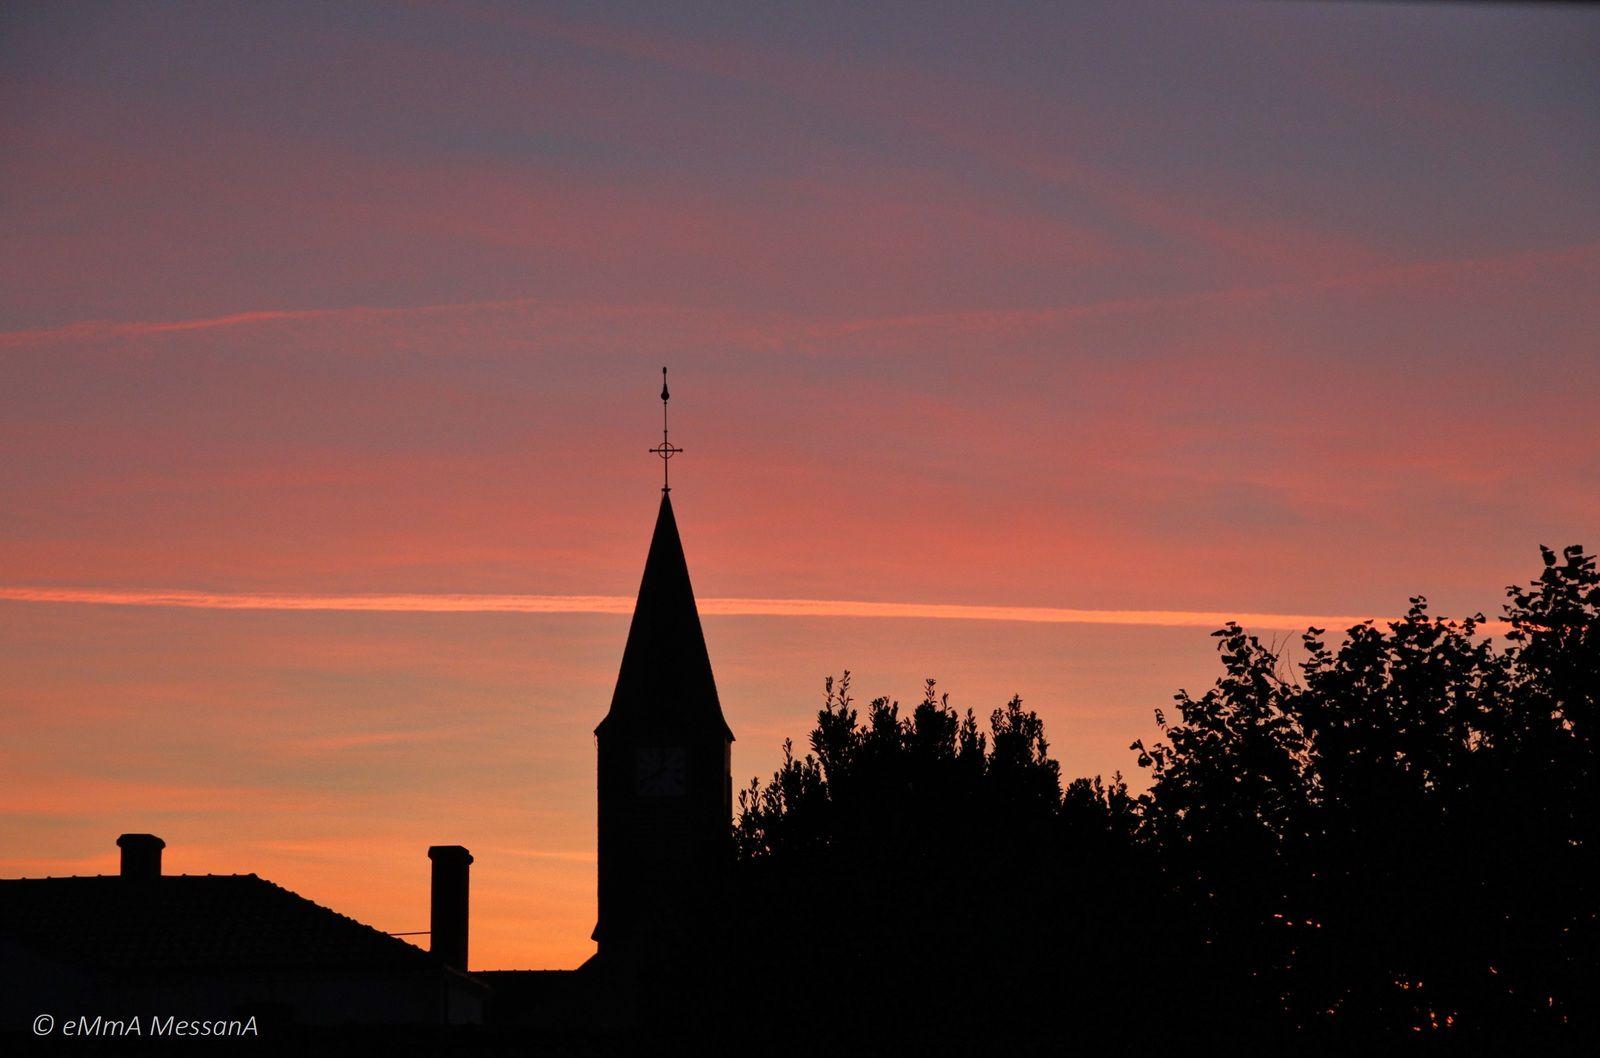 Mercredi 15 octobre 2021. Saint-Urbain (Vendée) © eMmA MessanA